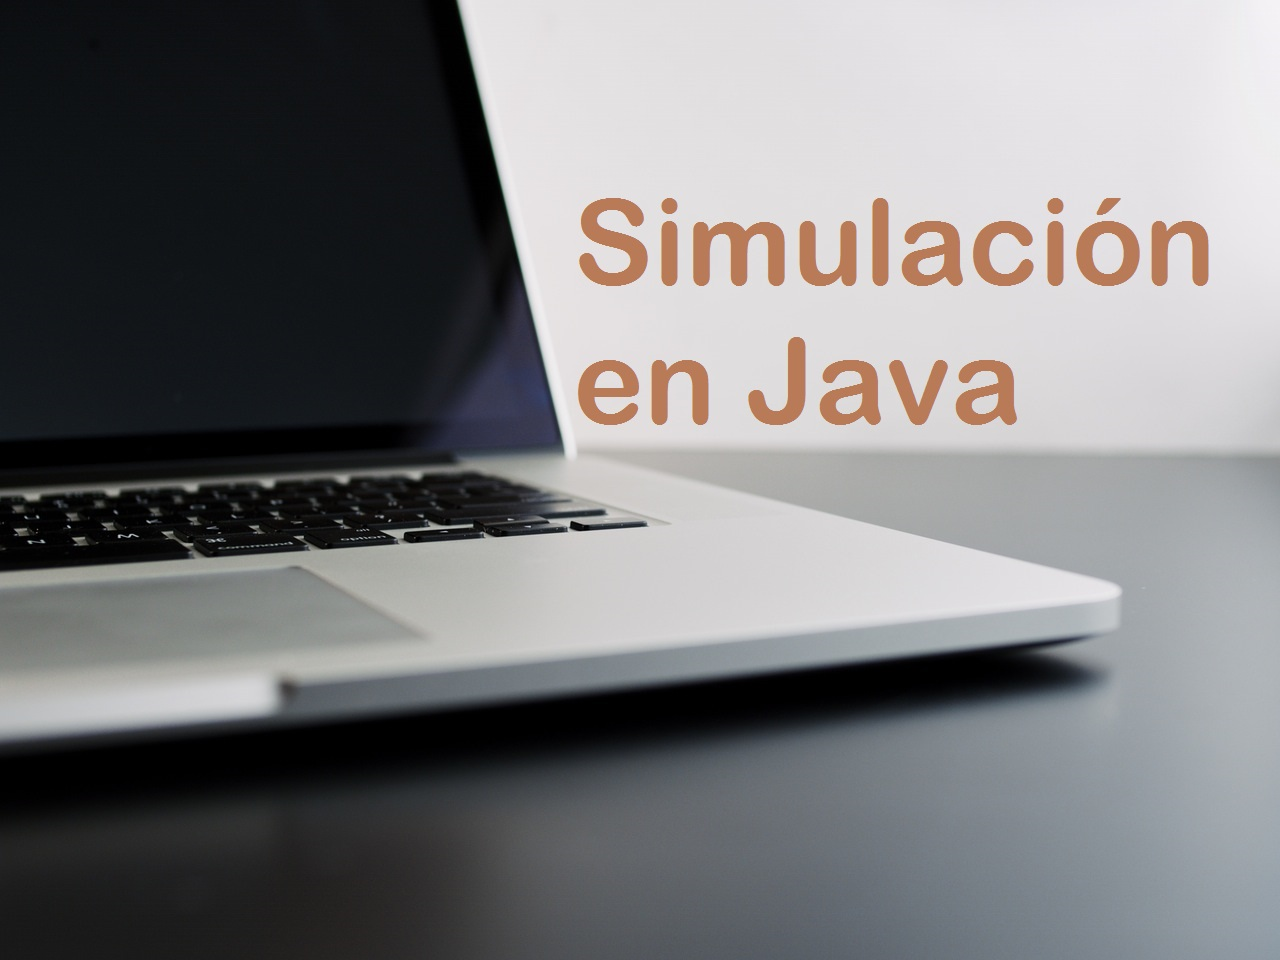 modelo de simulación en java